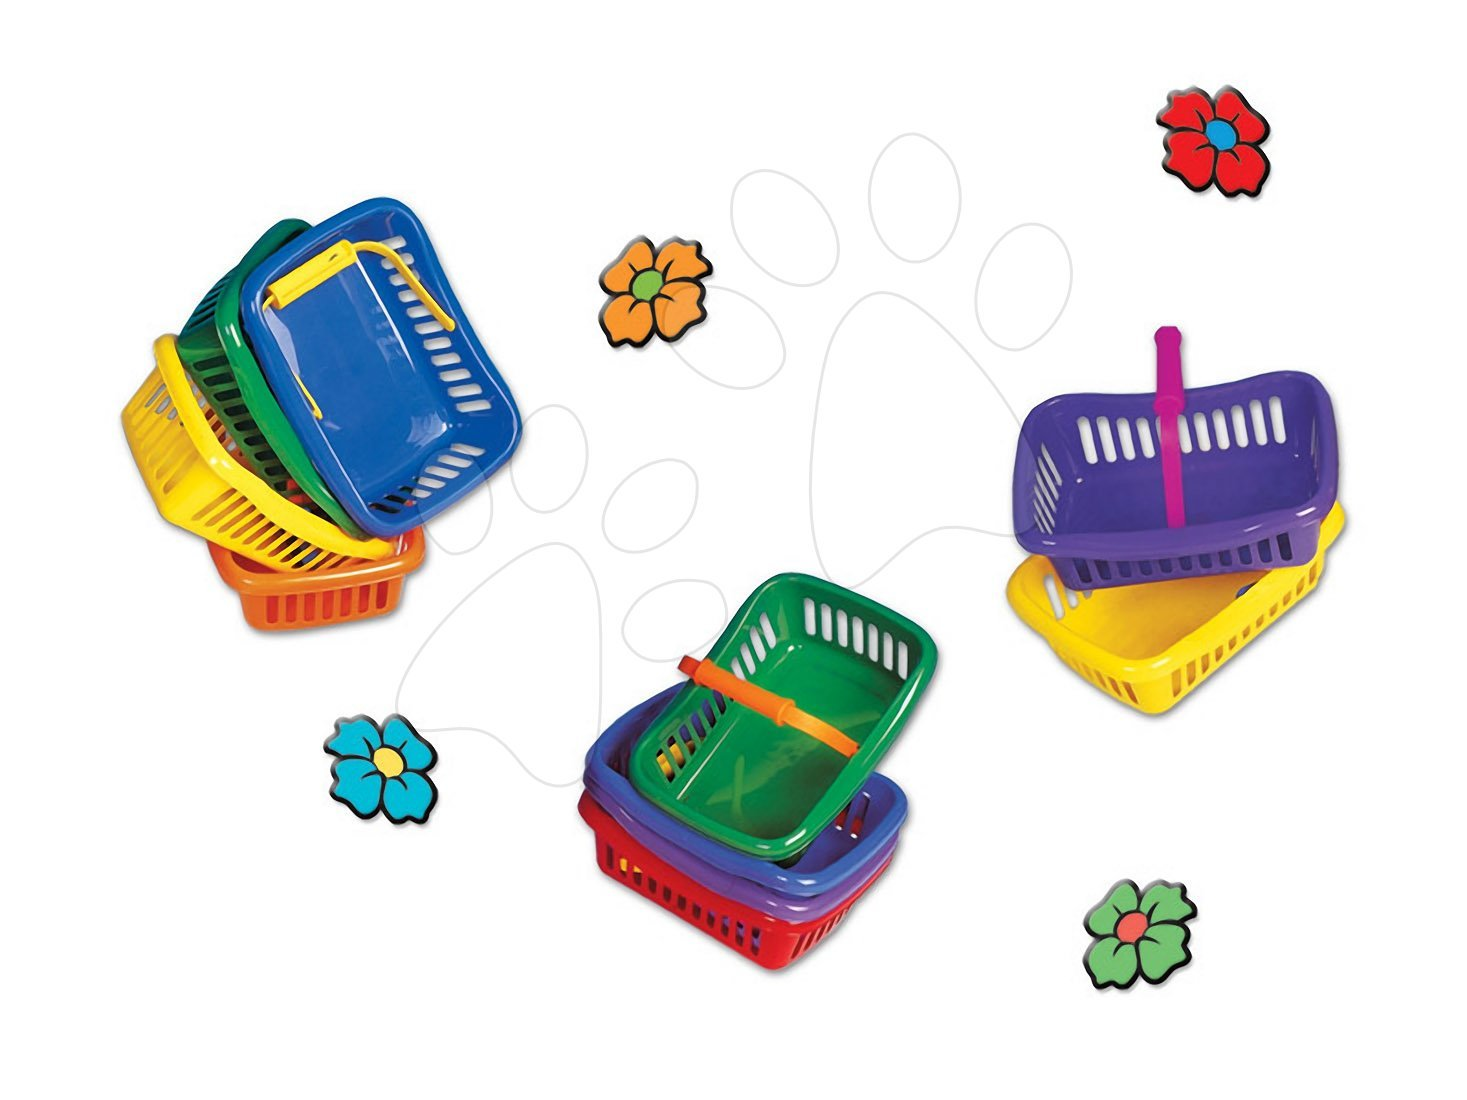 Játékkonyha kiegészítők és edények - Piknik kosár Dohány kicsi különböző színek